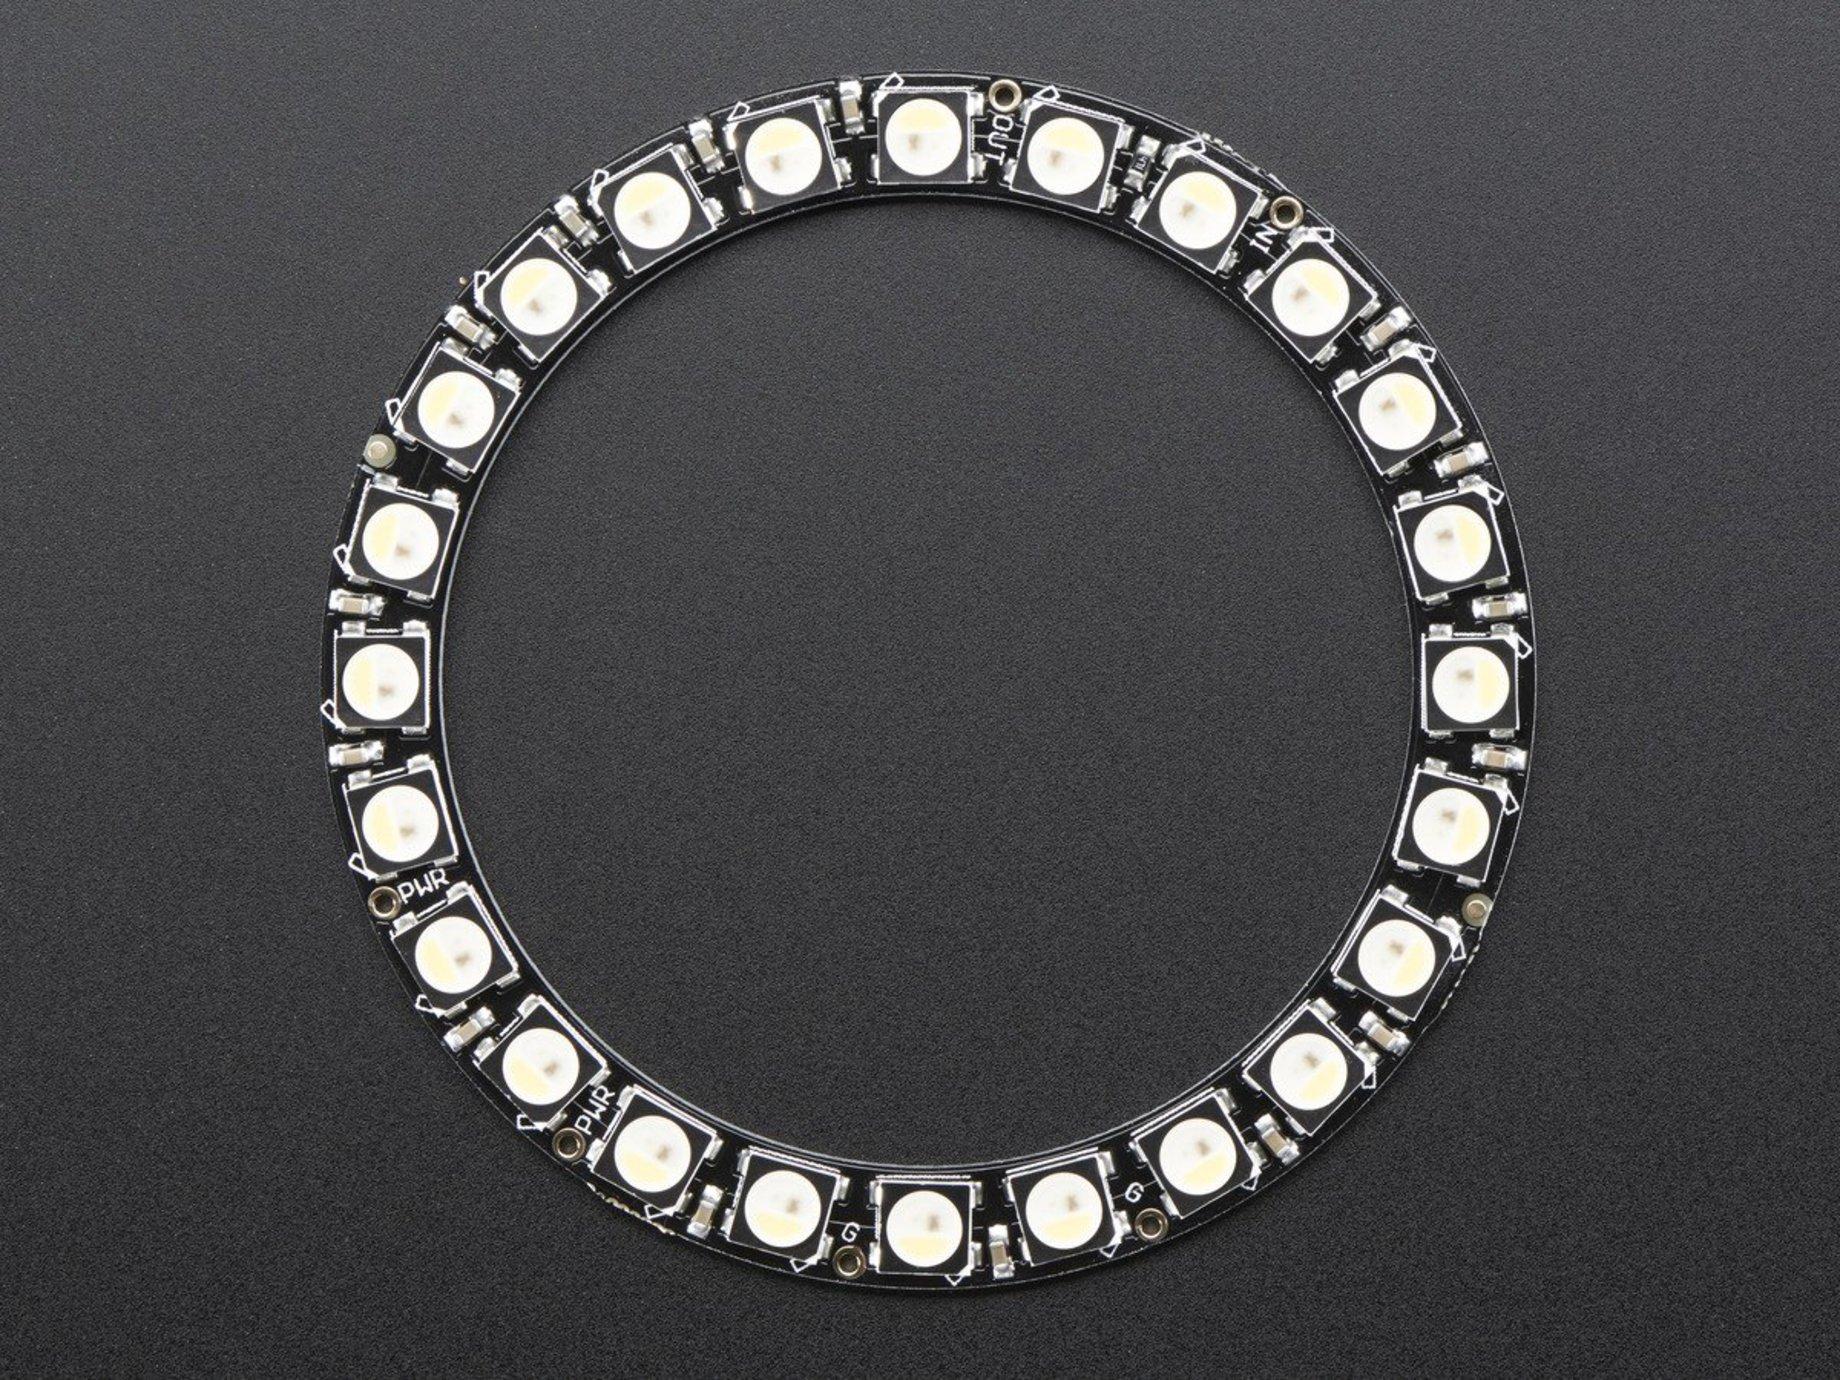 Adafruit 24 NeoPixel Ring